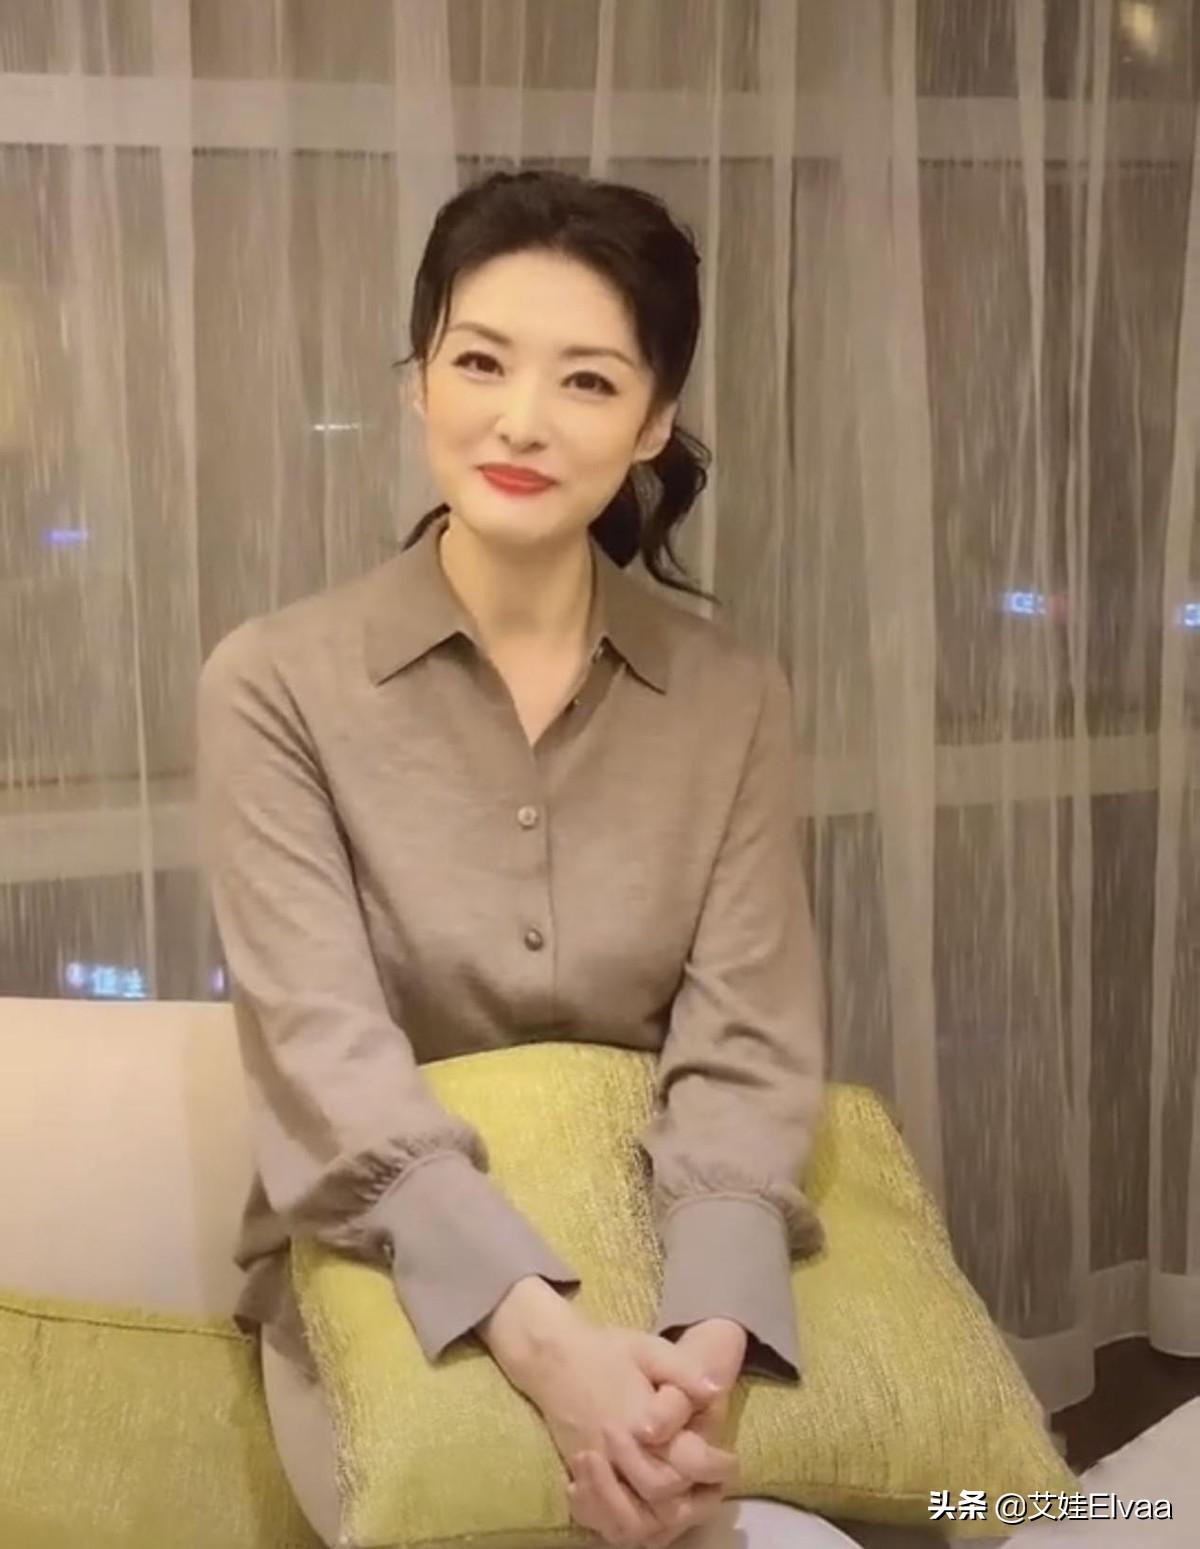 前央视主持美女周涛太瘦了,168cm撑不满衬衫,巴掌脸快嫩出水来